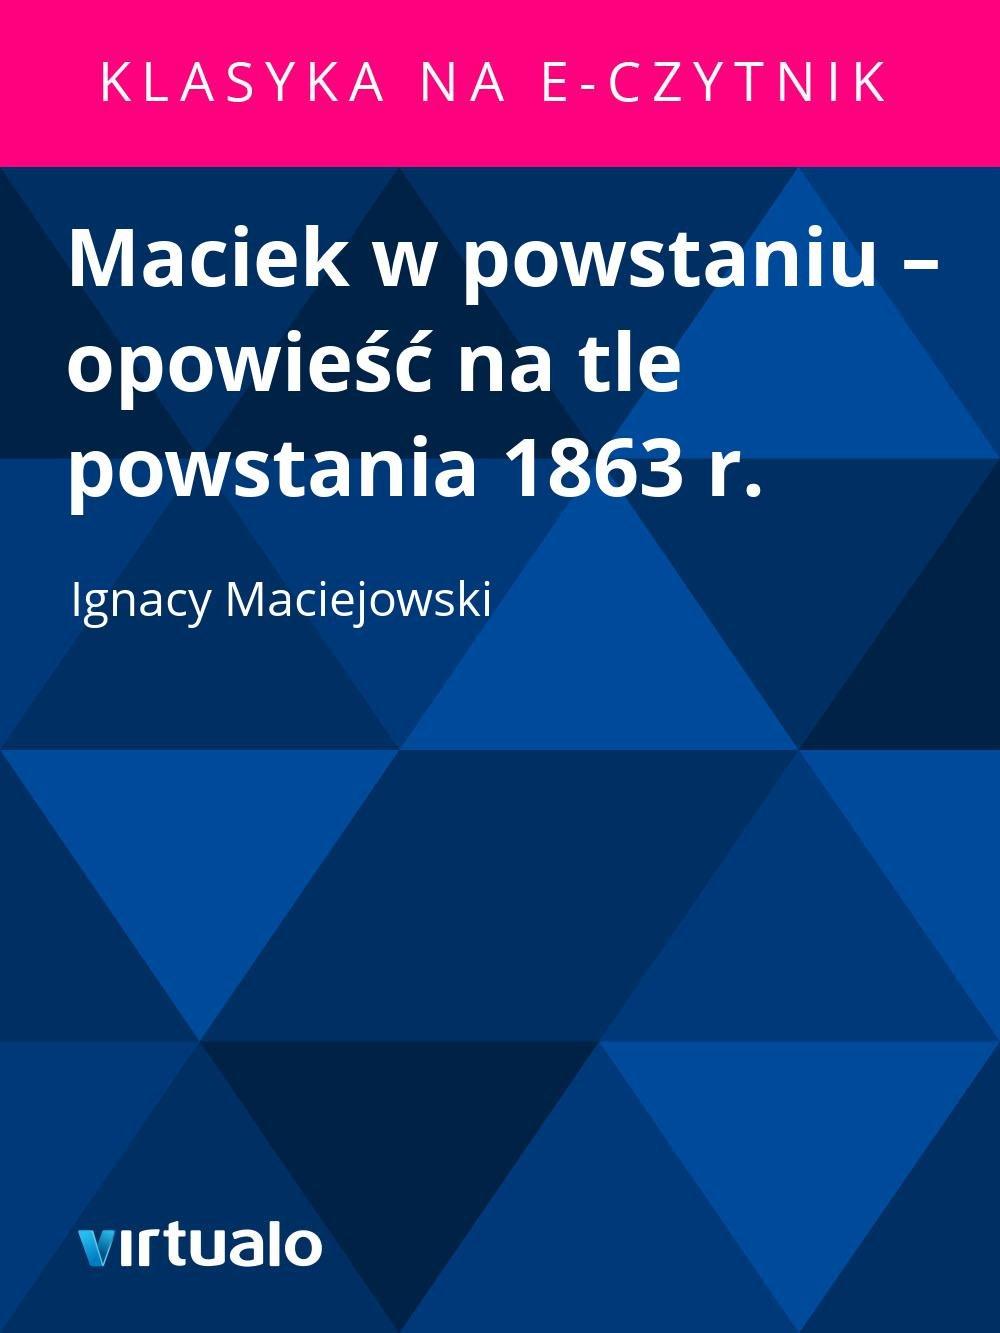 Maciek w powstaniu – opowieść na tle powstania 1863 r. - Ebook (Książka EPUB) do pobrania w formacie EPUB